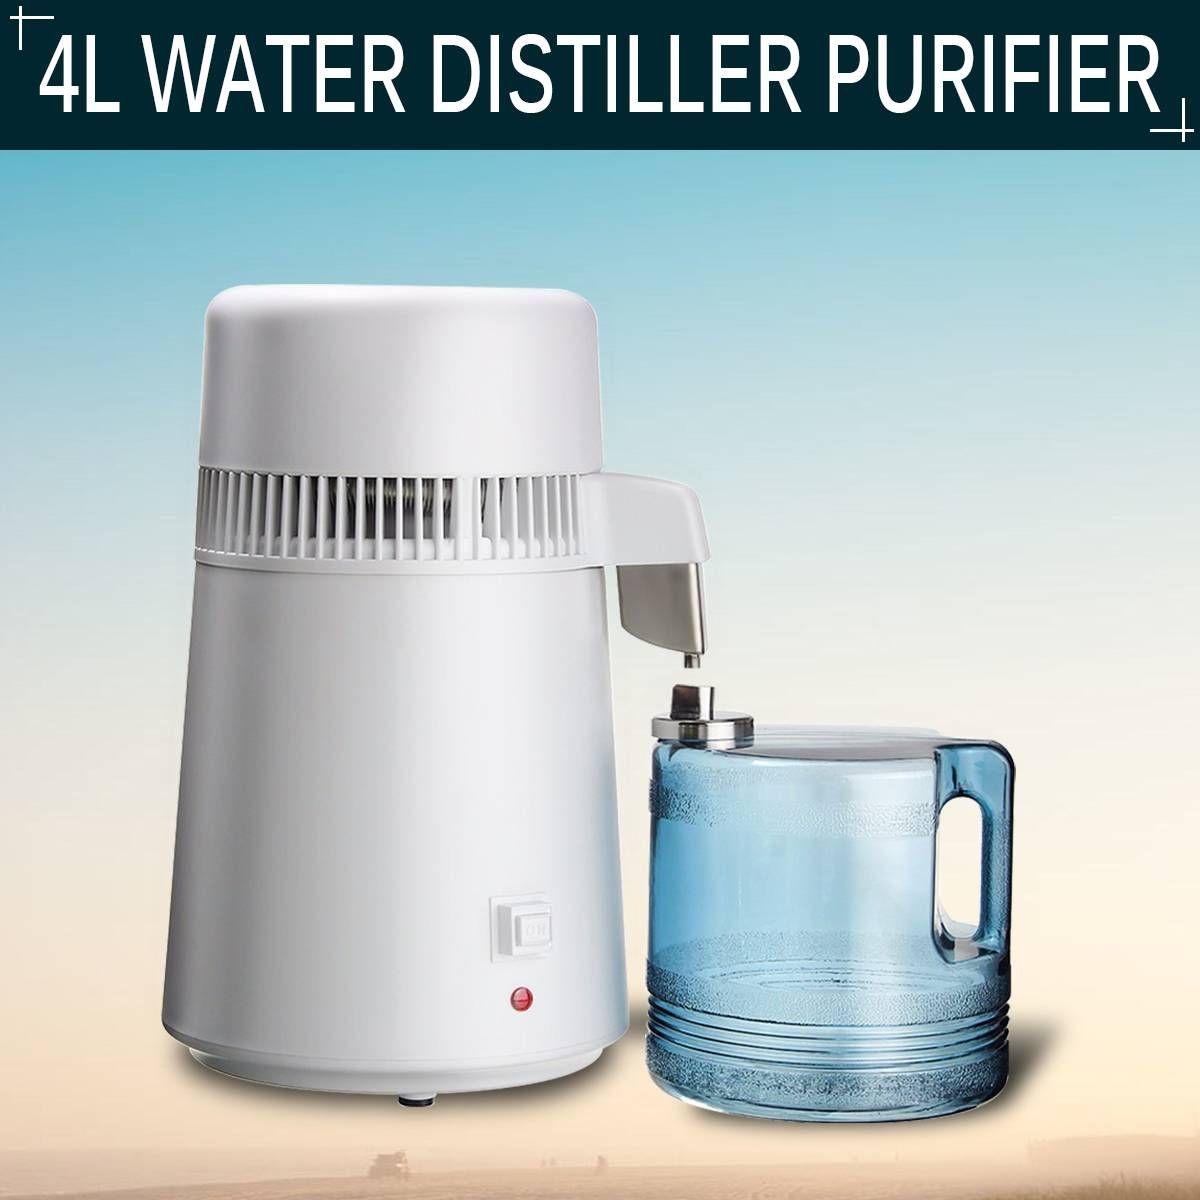 4L Haushalts Reines Wasser Distiller Destilliertem Wasser Maschine Destillation Purifier Edelstahl Wasser Filter Maschine Gesundheit